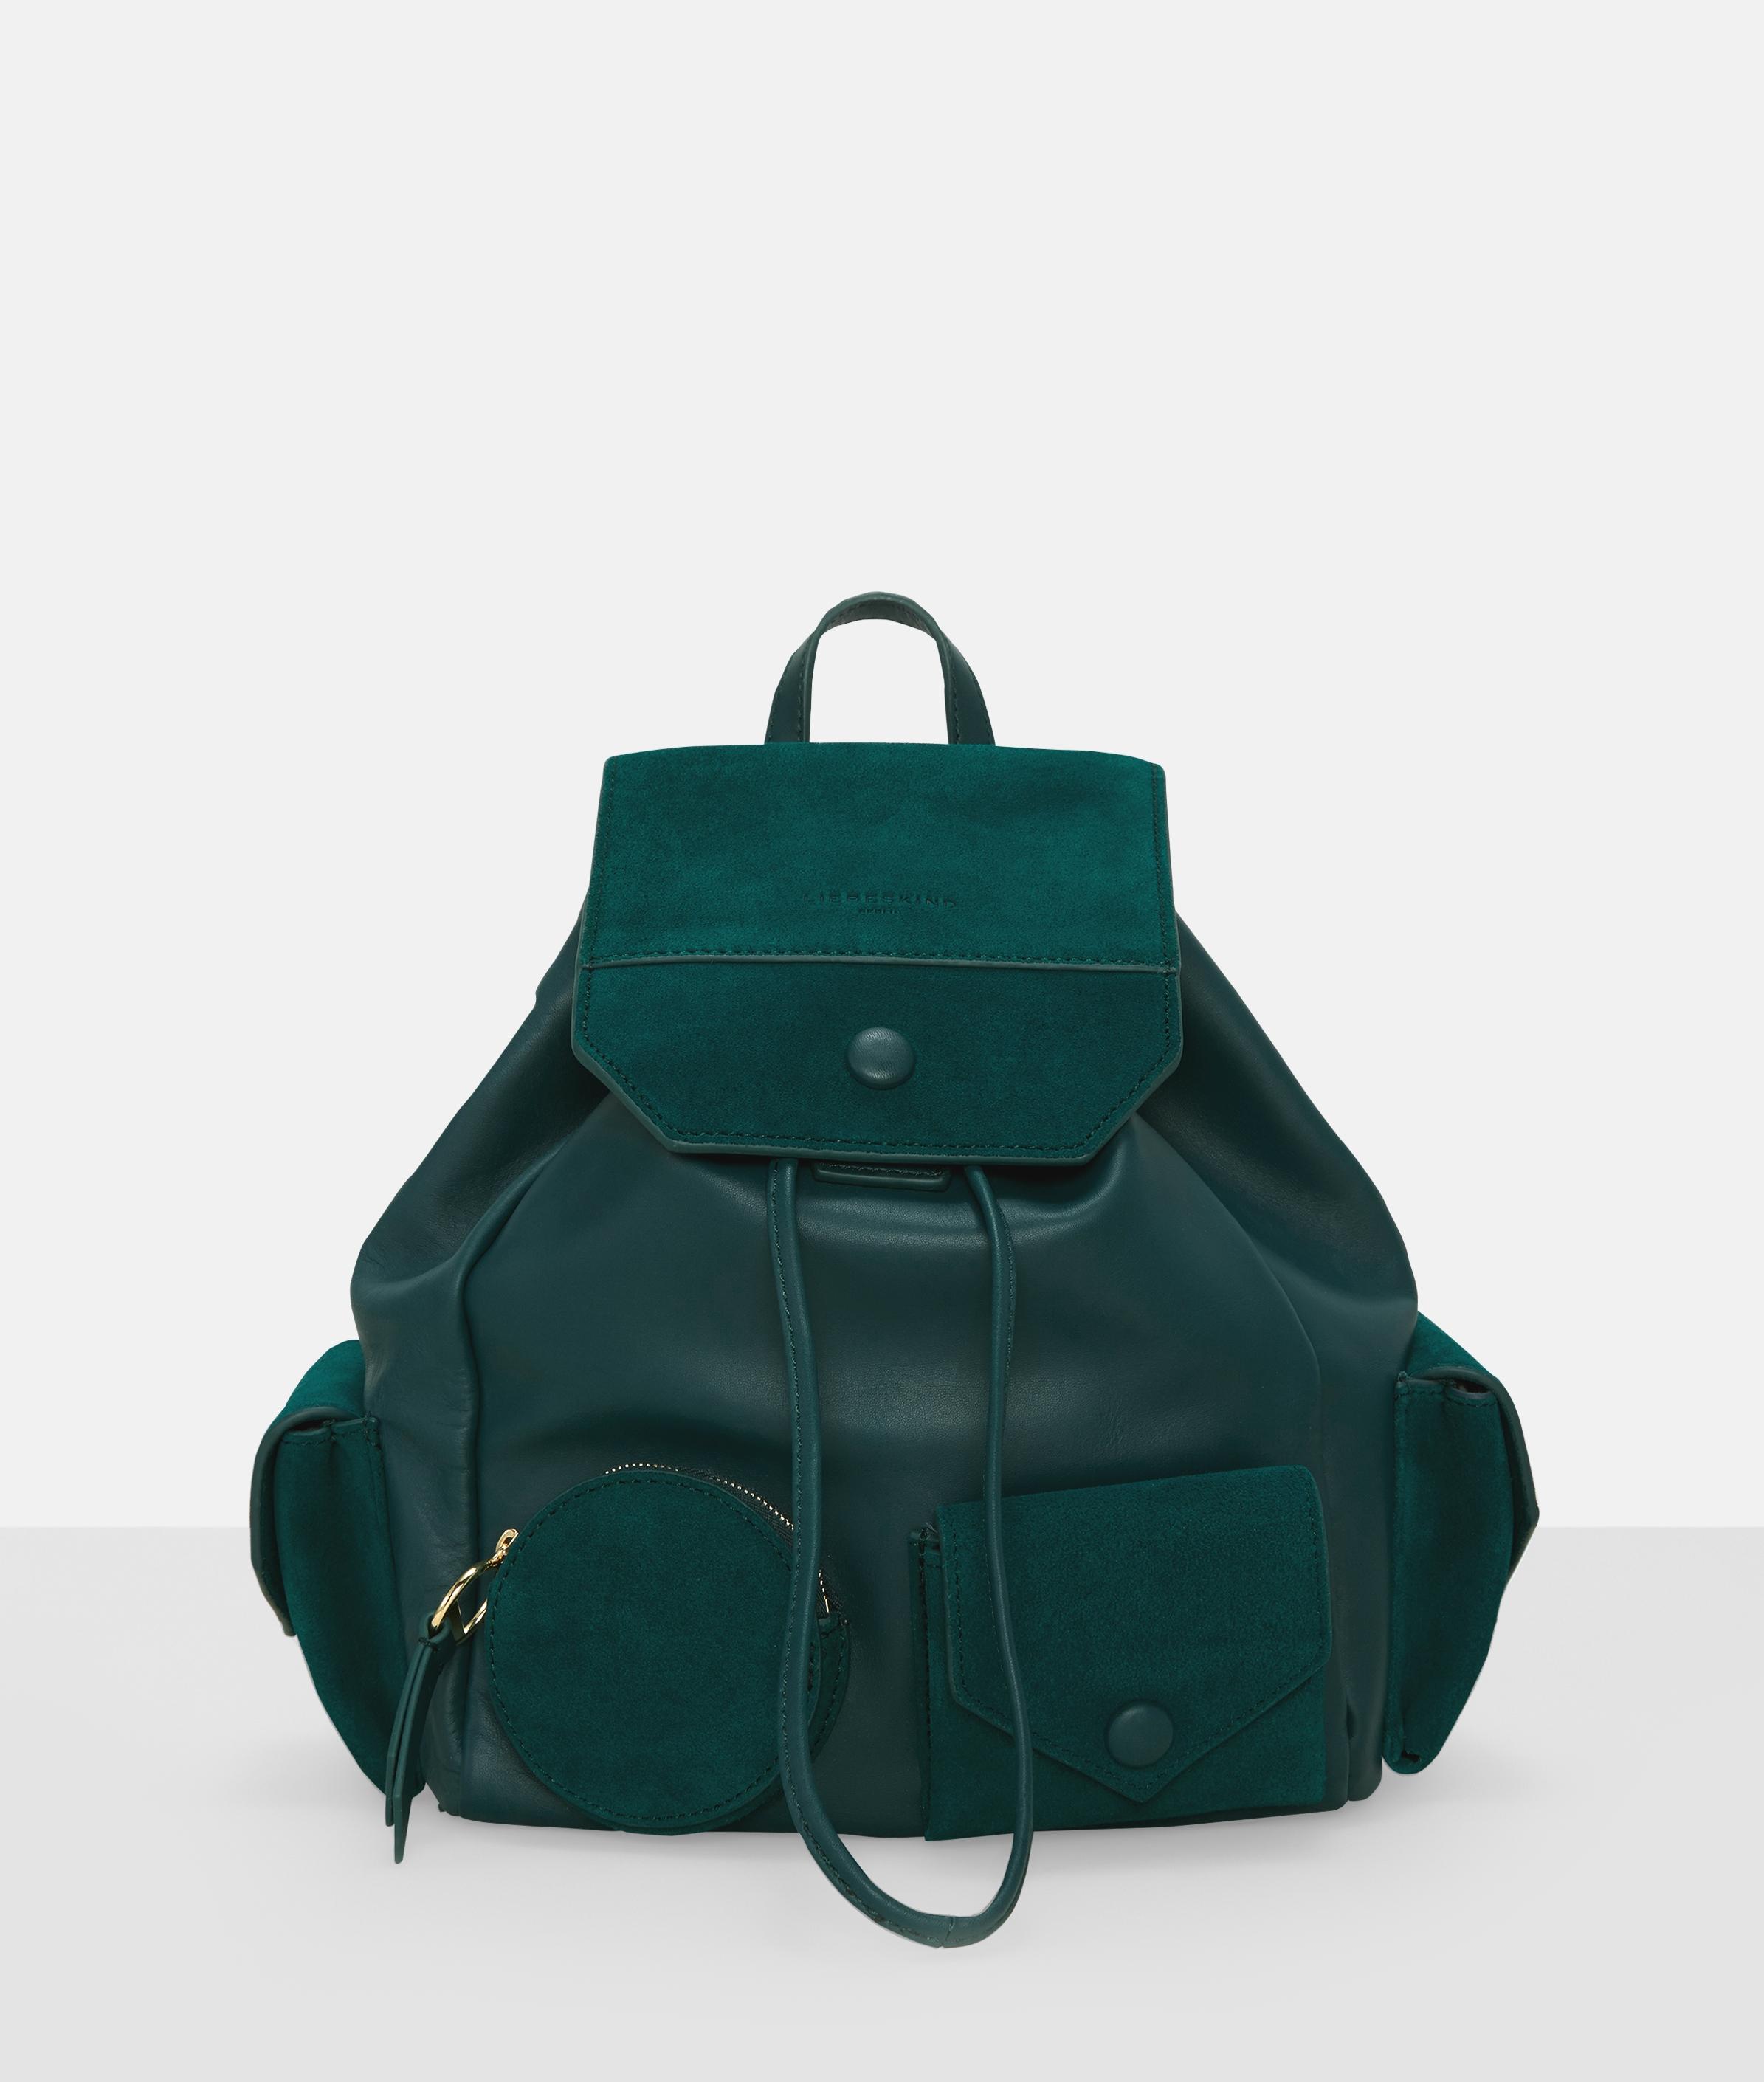 Berlin Tasche Casual Pocket Backpack M, Grün